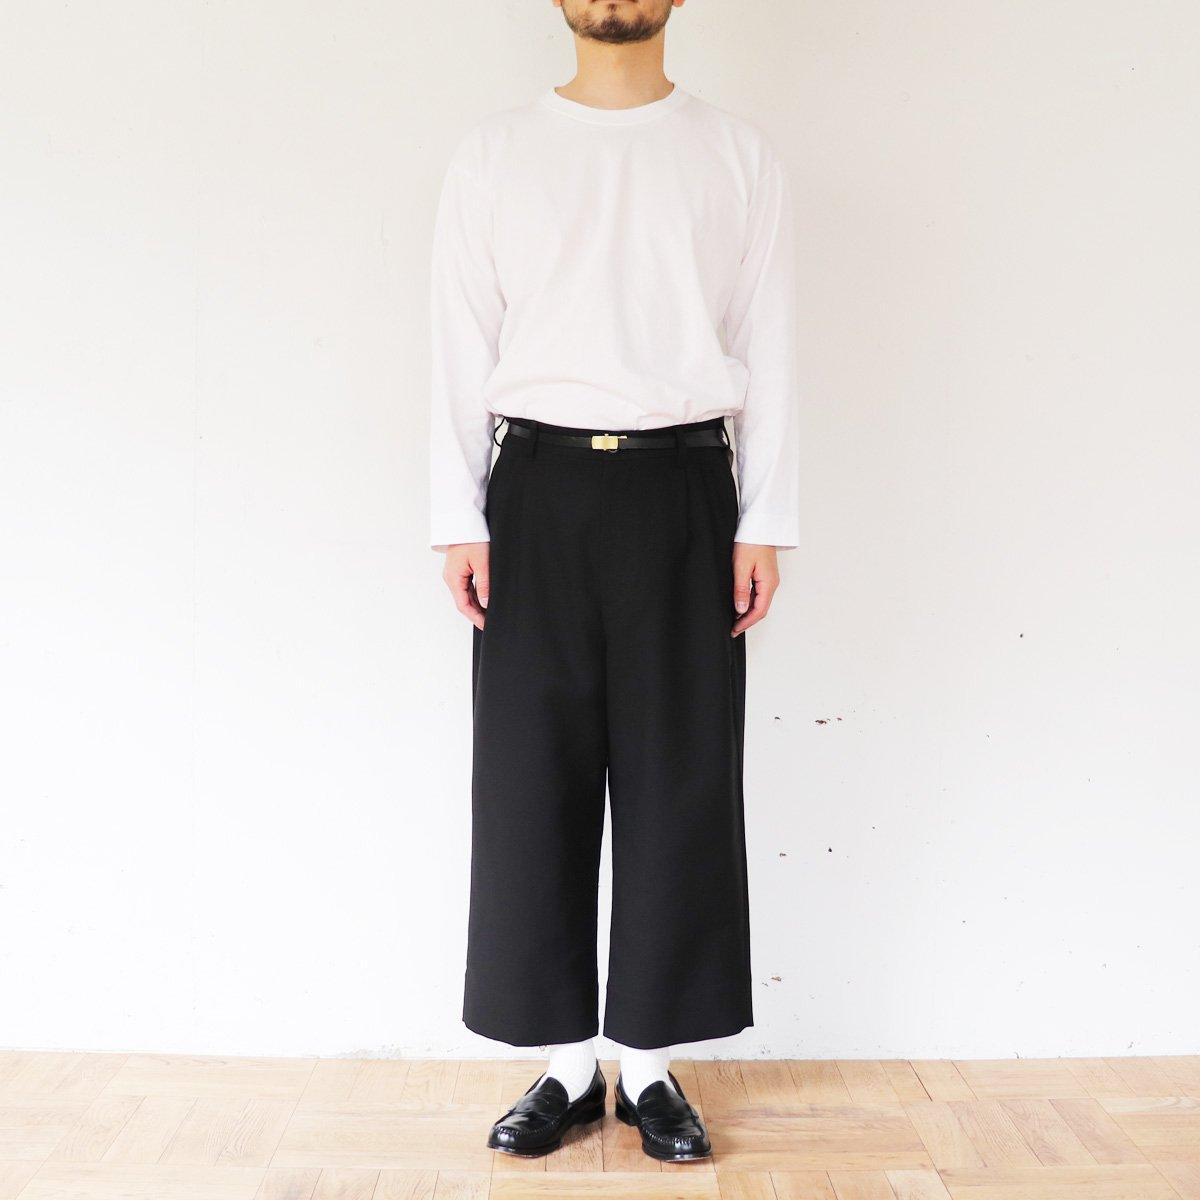 KAZEMATOU  PANTS 詳細画像6